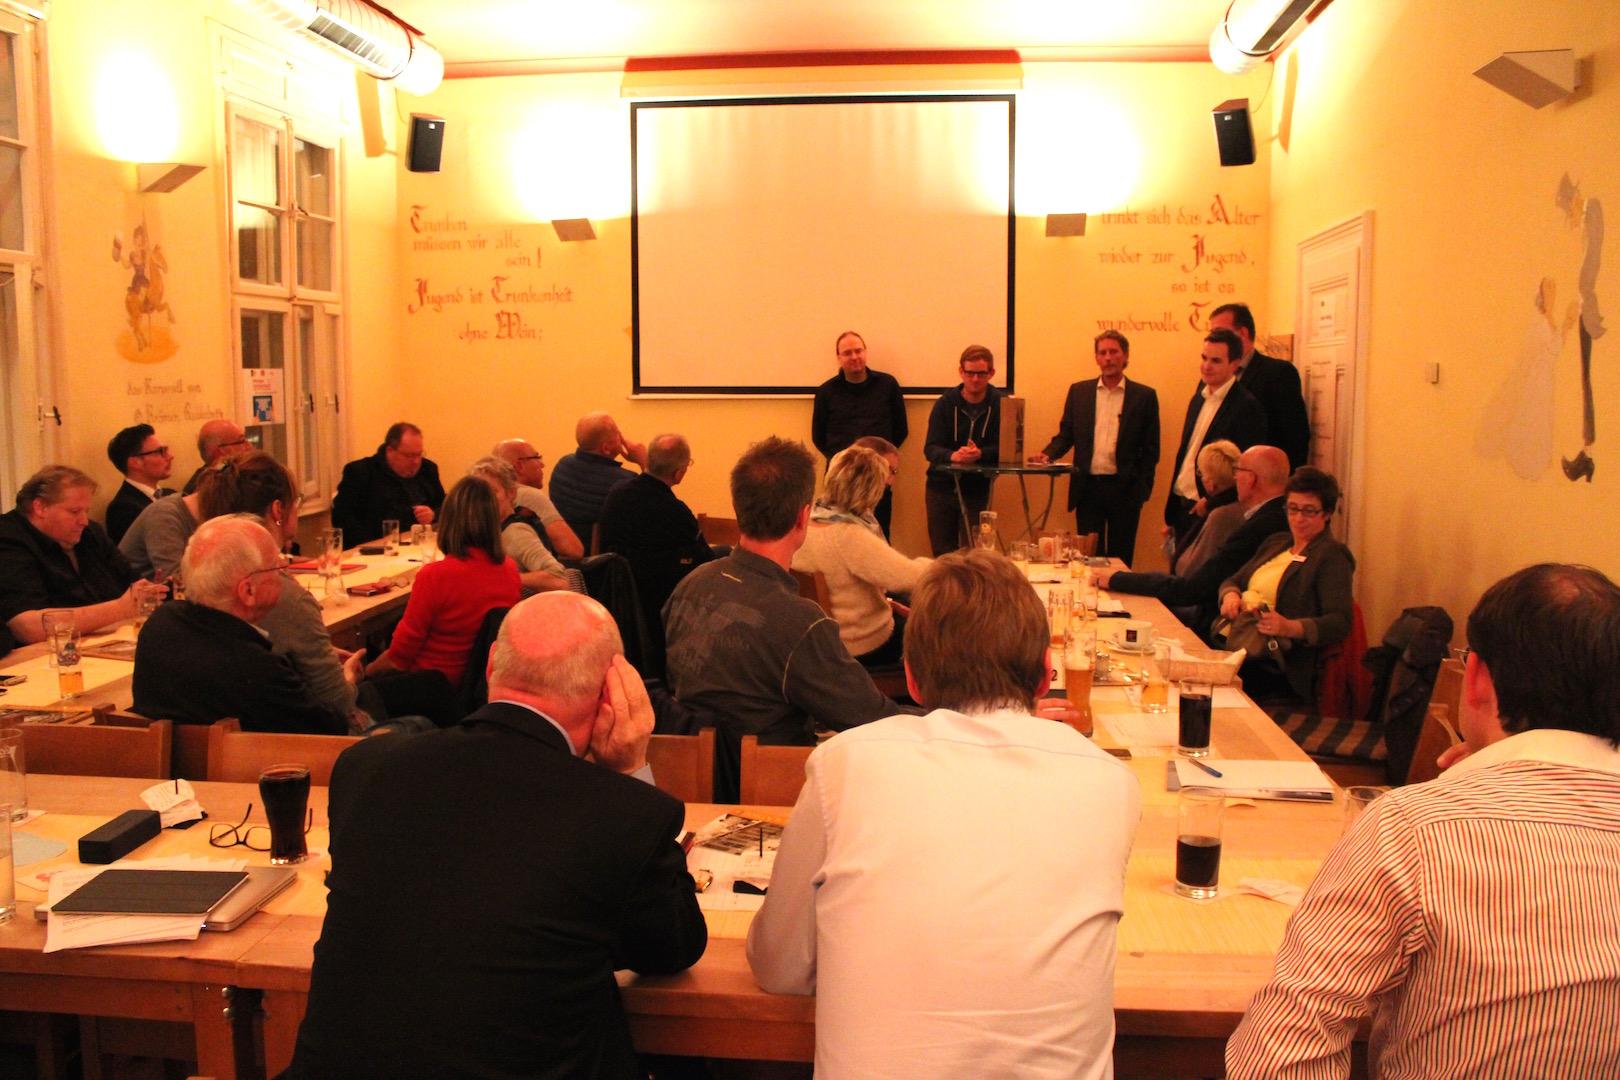 Großes Interesse gestern Abend im Gummersbacher Brauhaus. Wie möchte die IG Gummersbach ein gratis WLAN Netz realisieren? Foto: Sven Oliver Rüsche (sor)